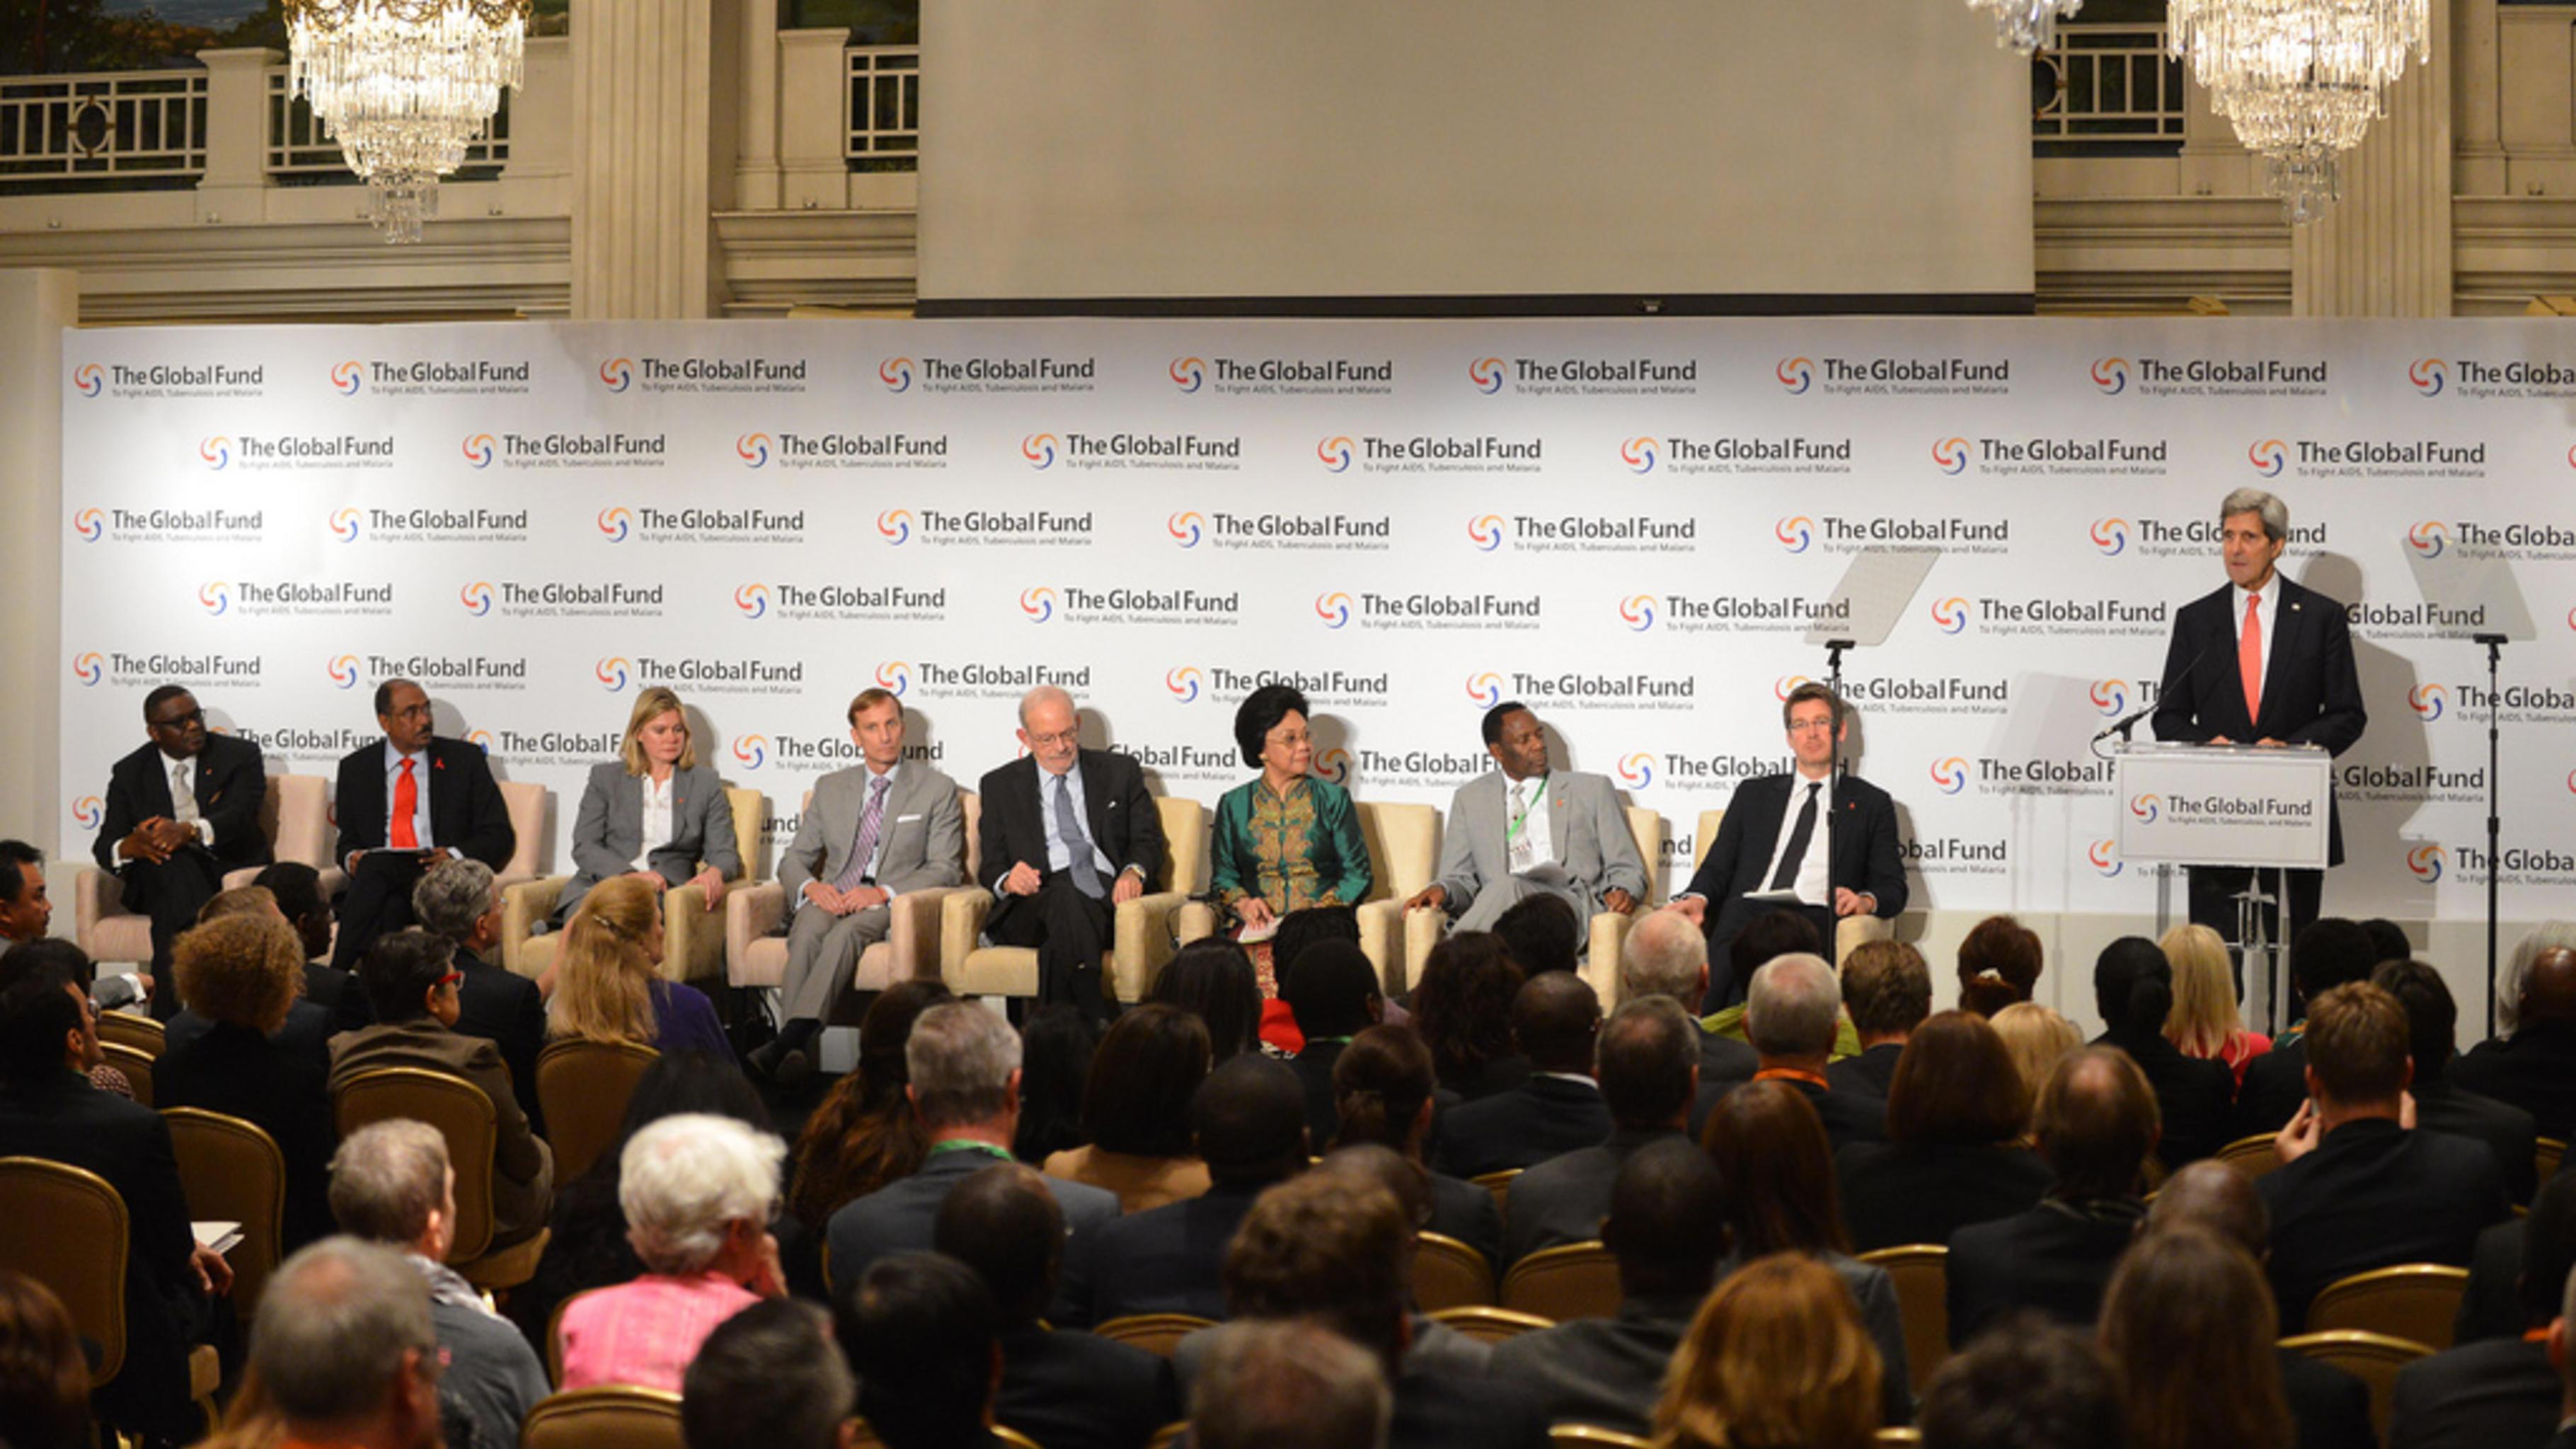 Foto: US-Außenminister Kerry spricht bei d Geberkonferenz des Globalen Fonds